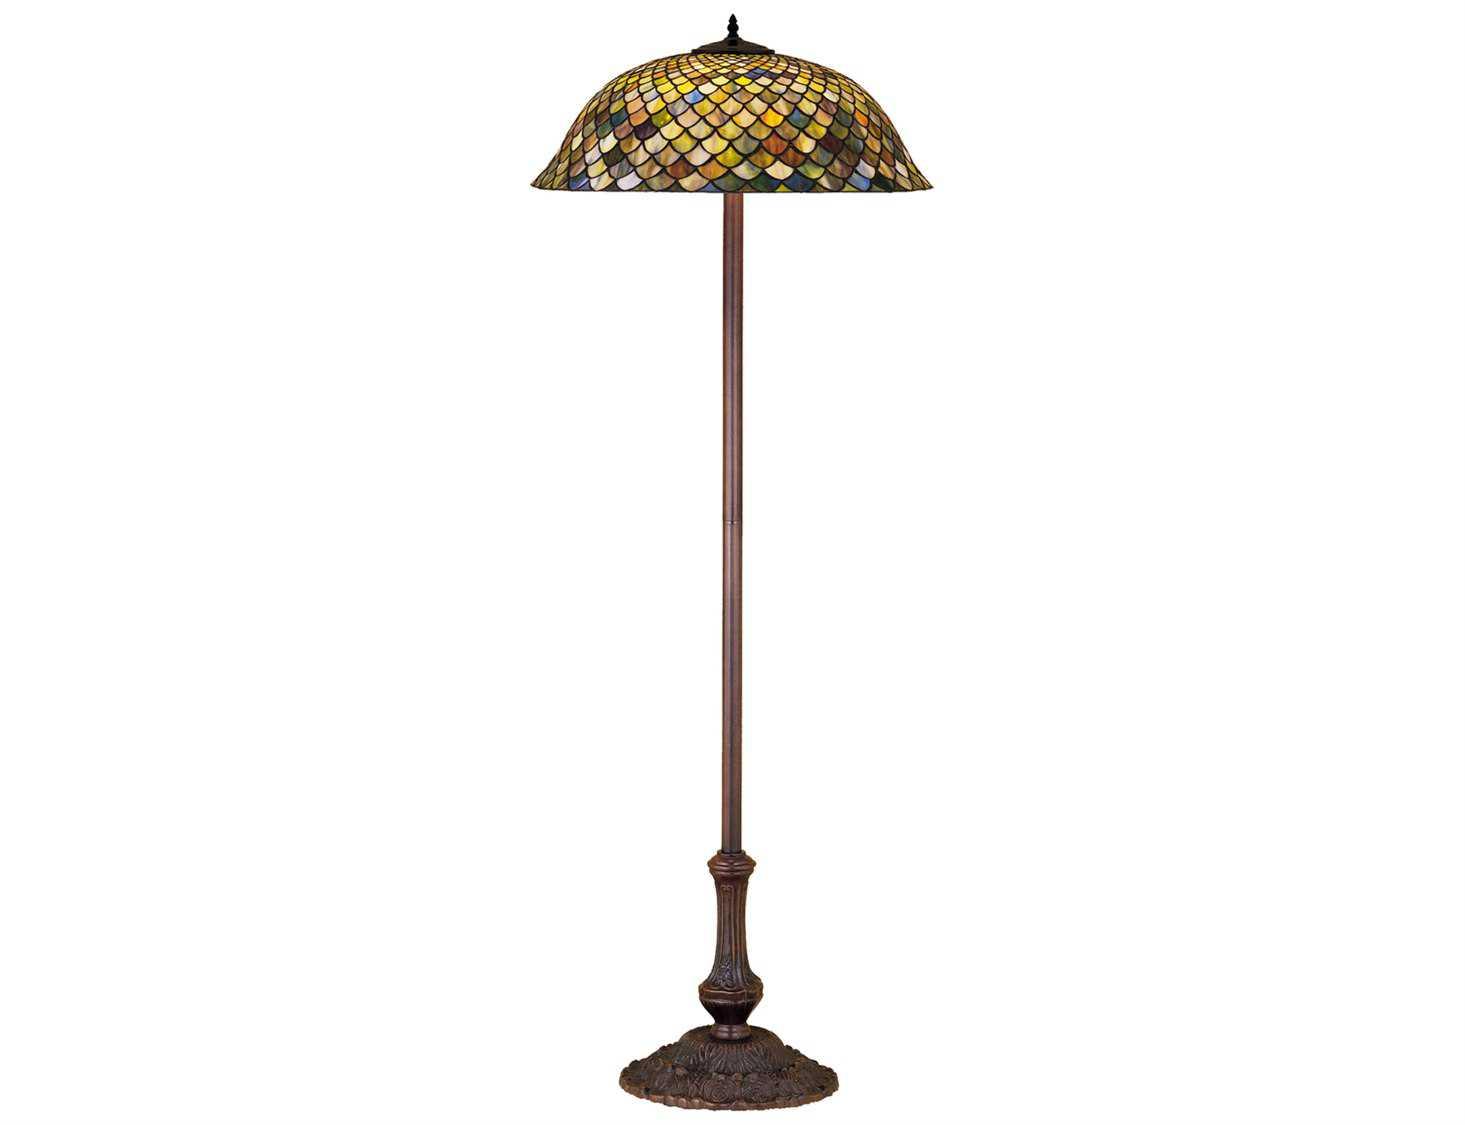 Meyda Tiffany Fishscale Green Floor Lamp